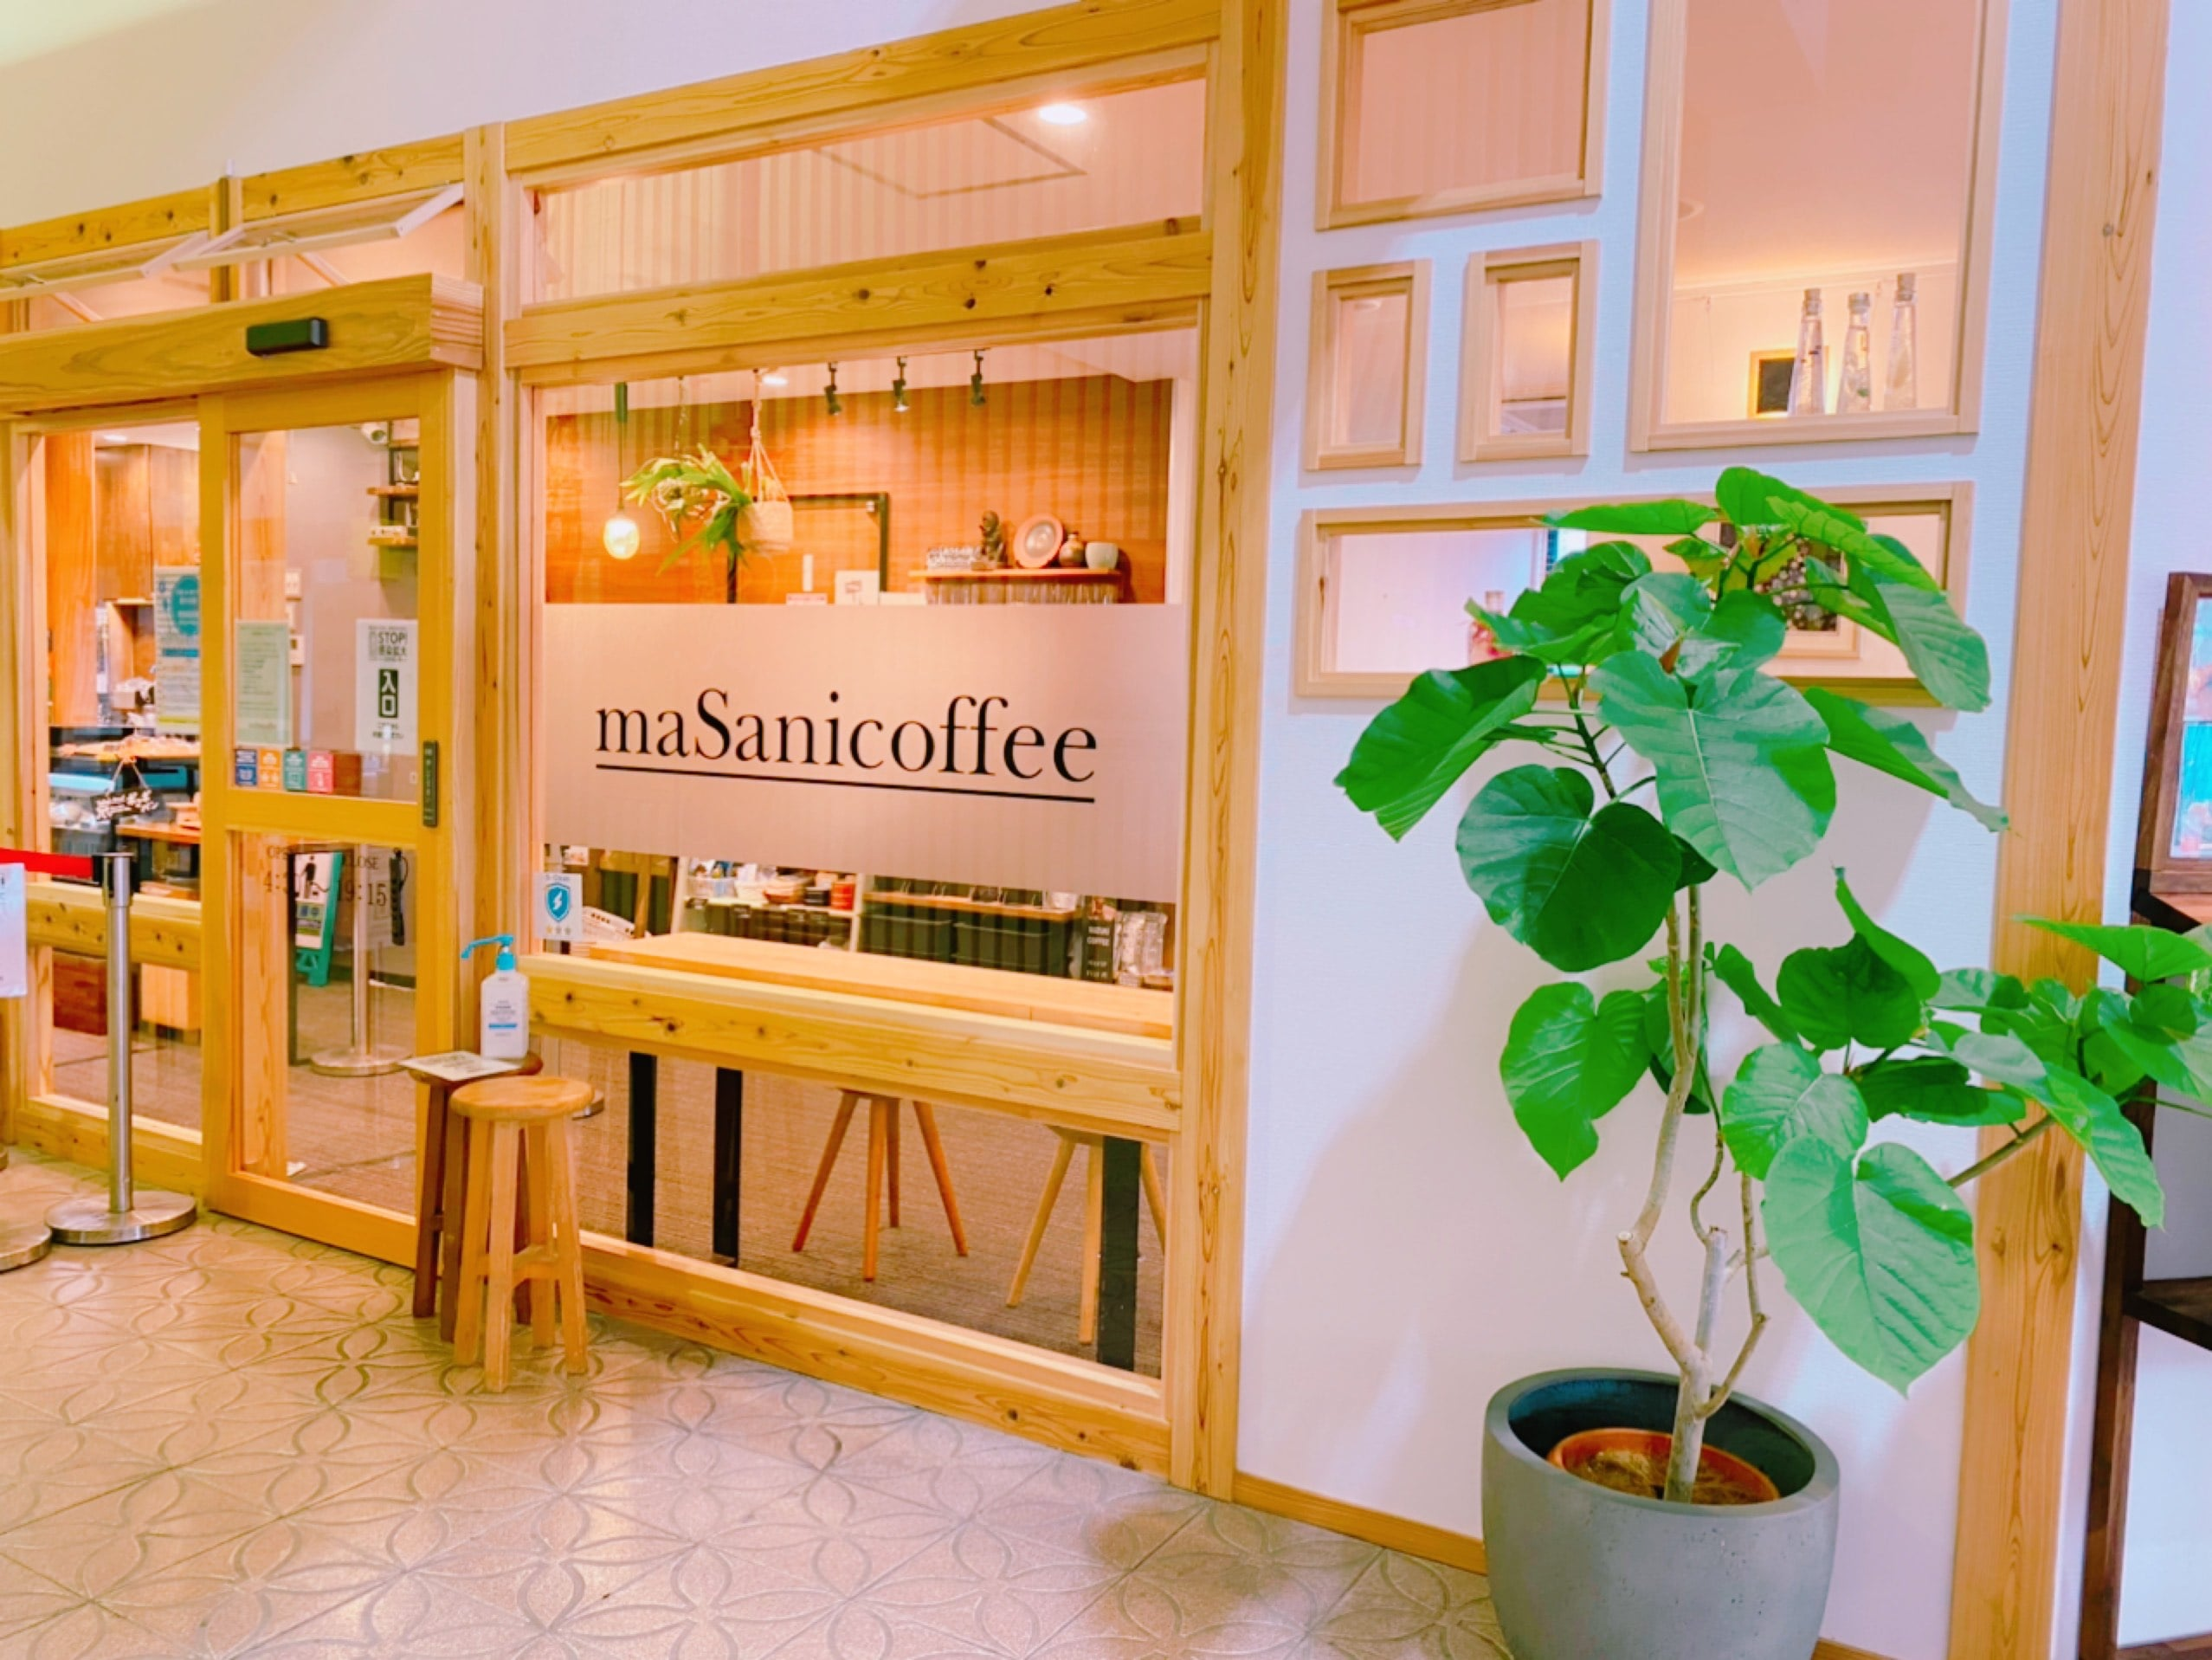 マサニコーヒー